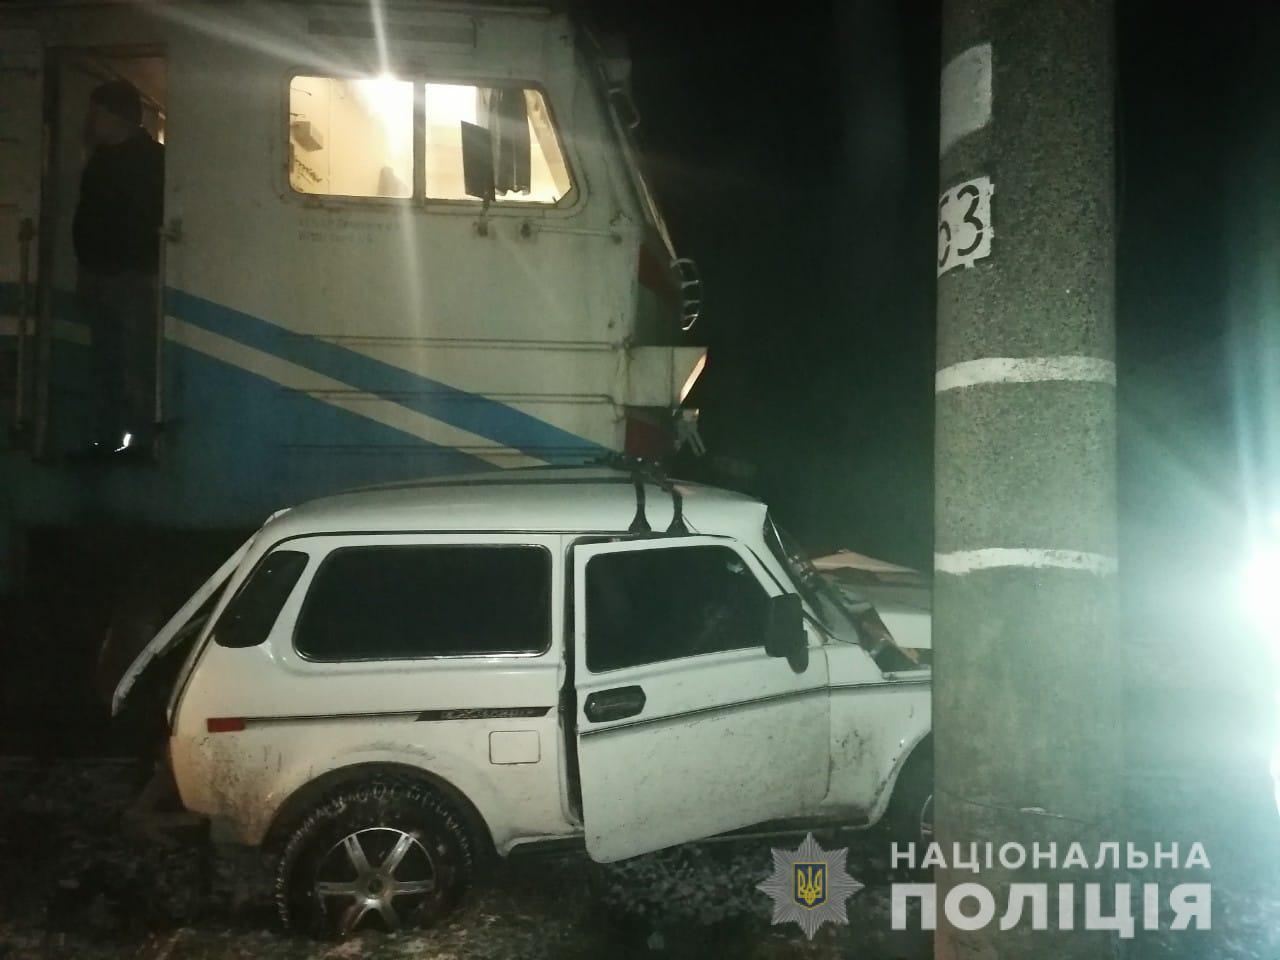 Білоцерківщина: водій легковика напідпитку зіткнувся з електровозом - зіткнення, електрички, алкогольне сп'яніння - avaryya